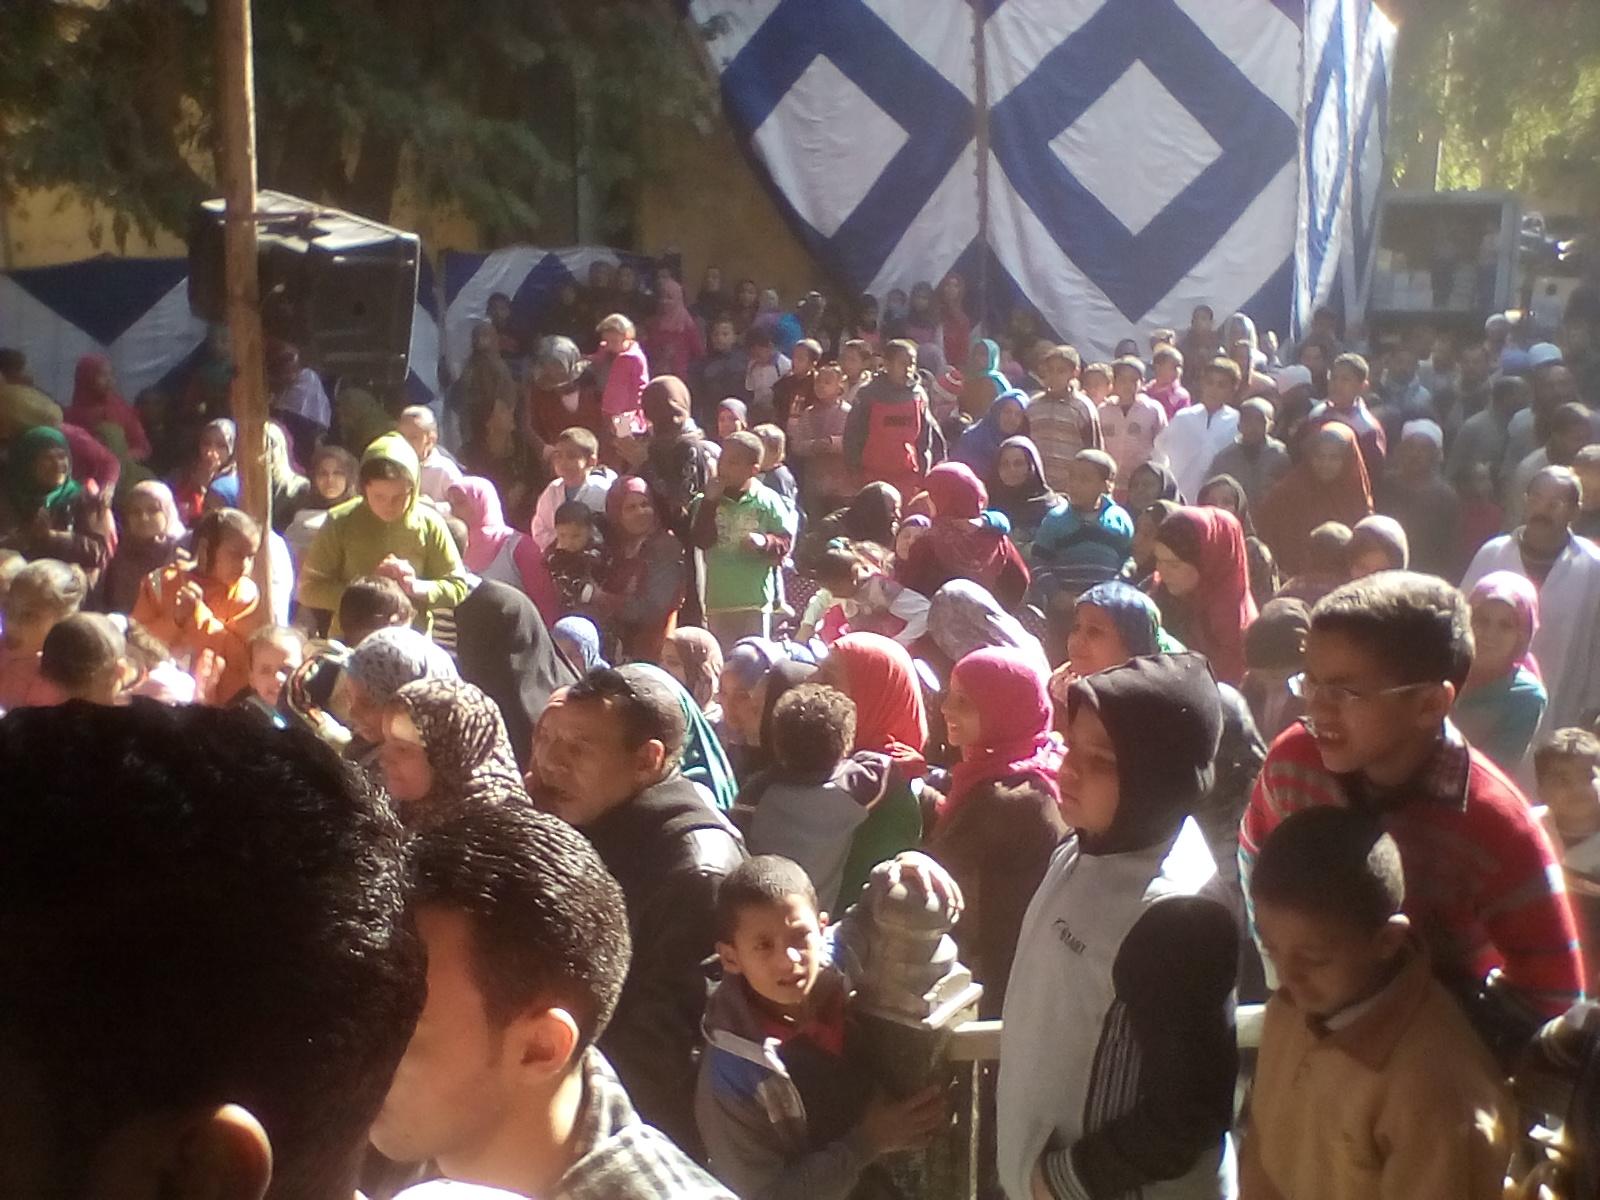 قرية الاسماعيلية بالمنيا  تستقبل صاحبة مبادرة أولادها سندها بالطبل البلدي والرقص الفلاحي (3)